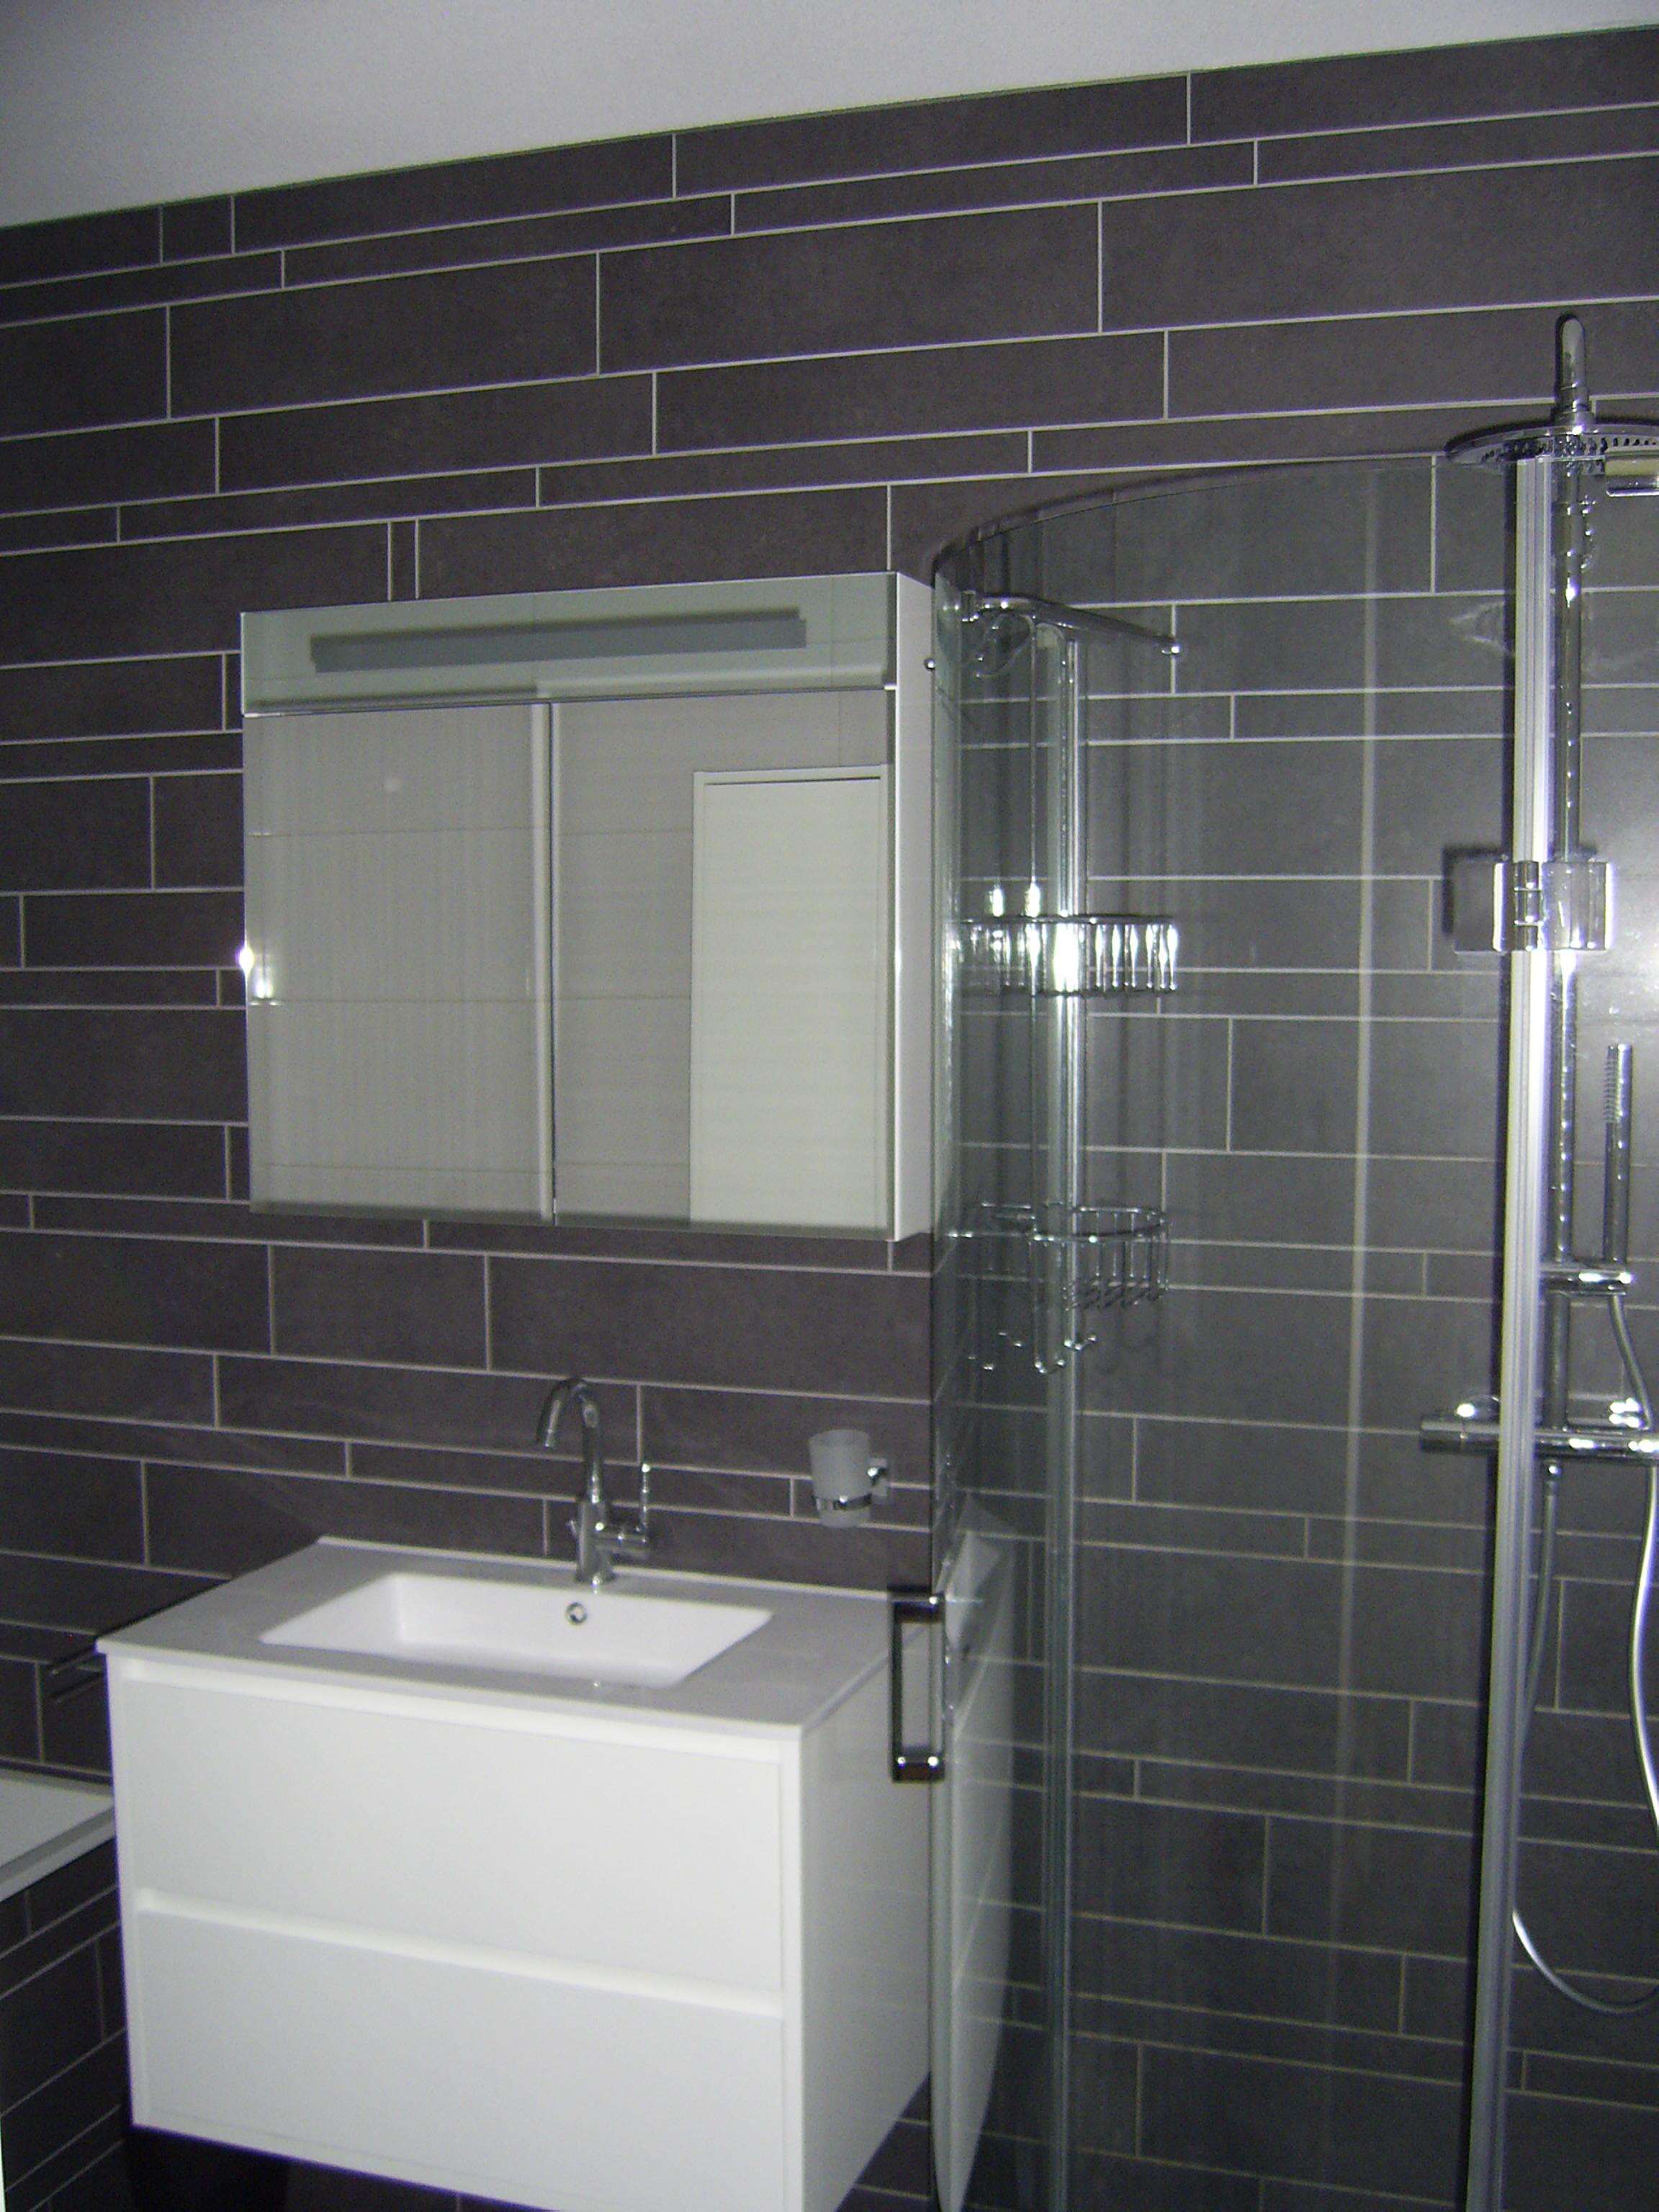 Badkamer- en overig sanitair | Arthur Burggraaf